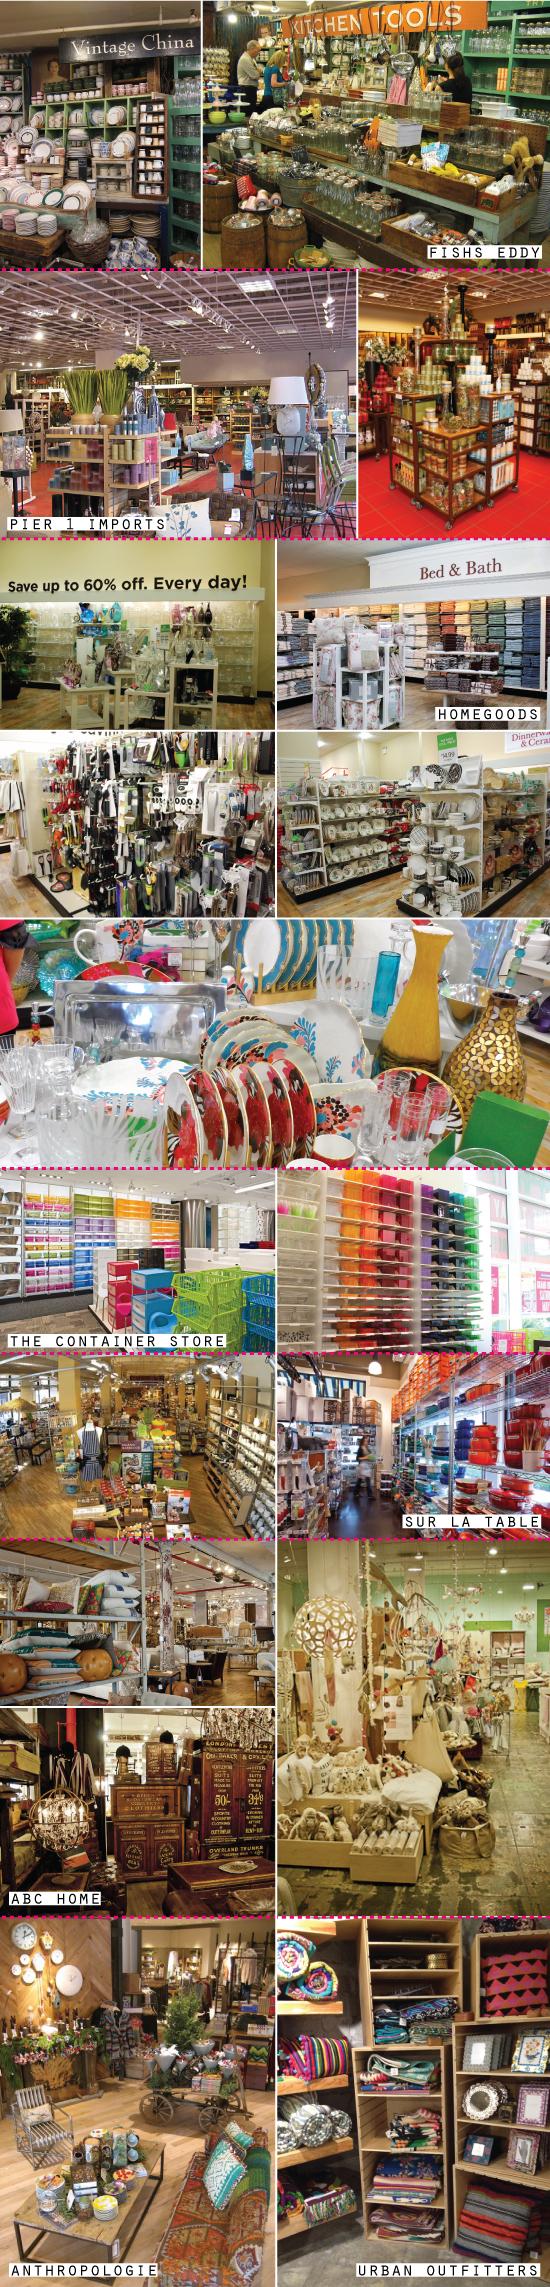 lojas-coisas-casa-ny-new-york-nova-iorque-nyc-homegoods-onde-comprar-pier-1-container-store-abc-store-urban-outfitters